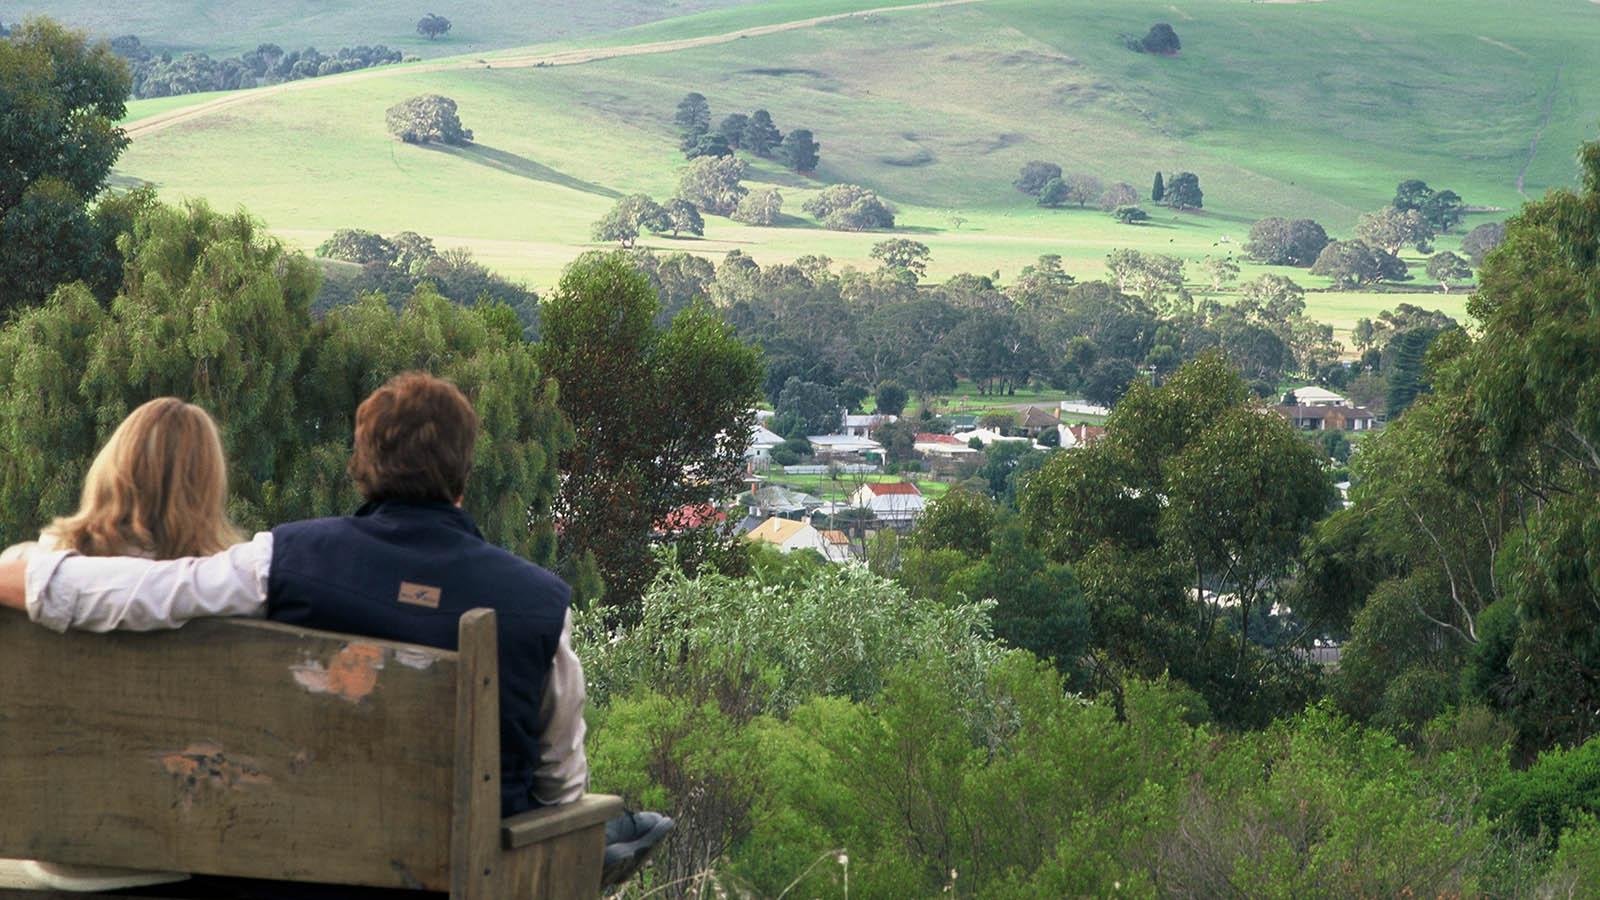 Peter Francis Points Arboretum, Grampians, Victoria, Australia